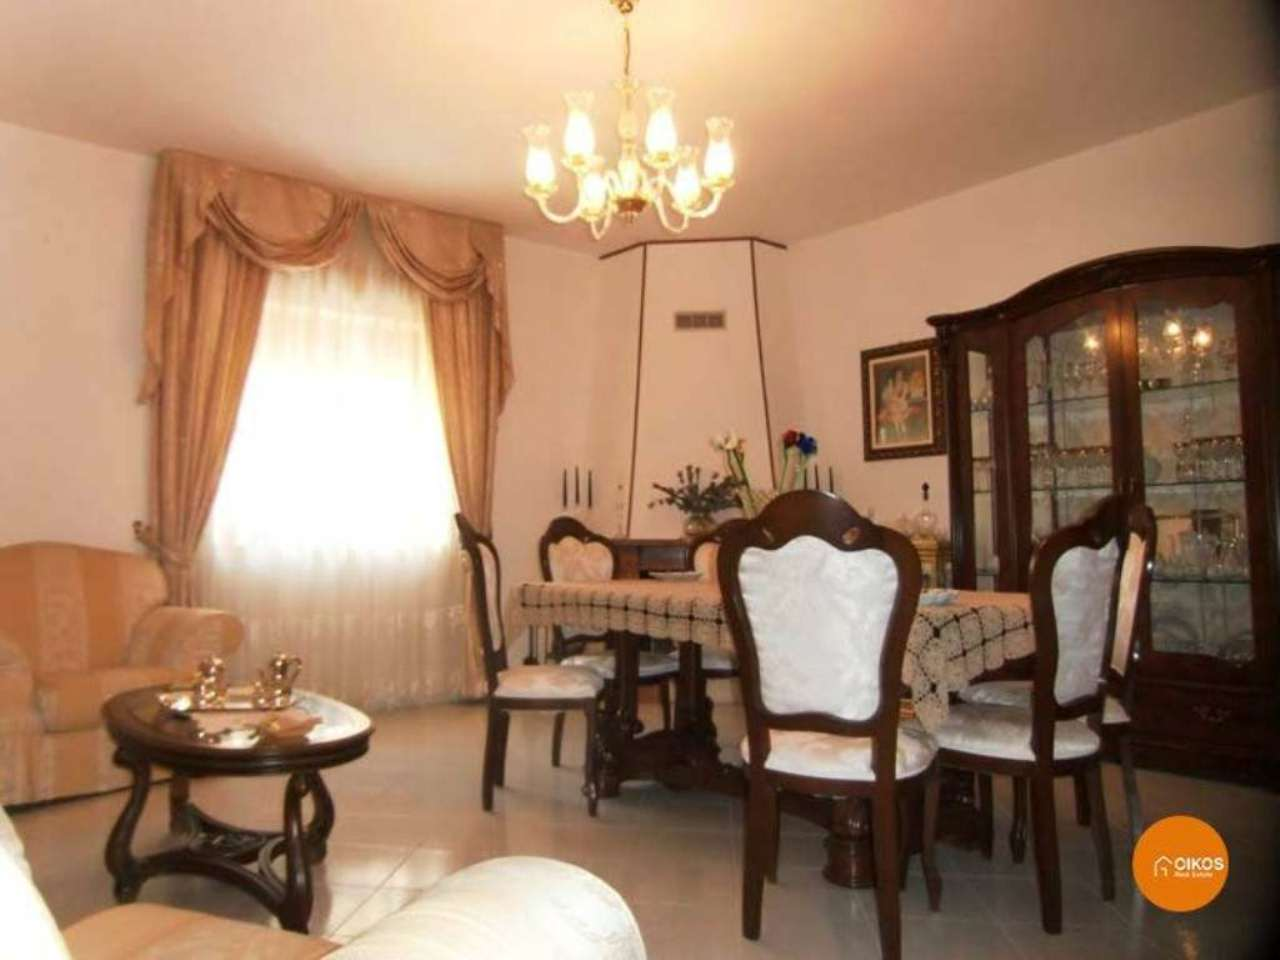 Appartamento in vendita a Noto, 5 locali, prezzo € 180.000 | Cambio Casa.it